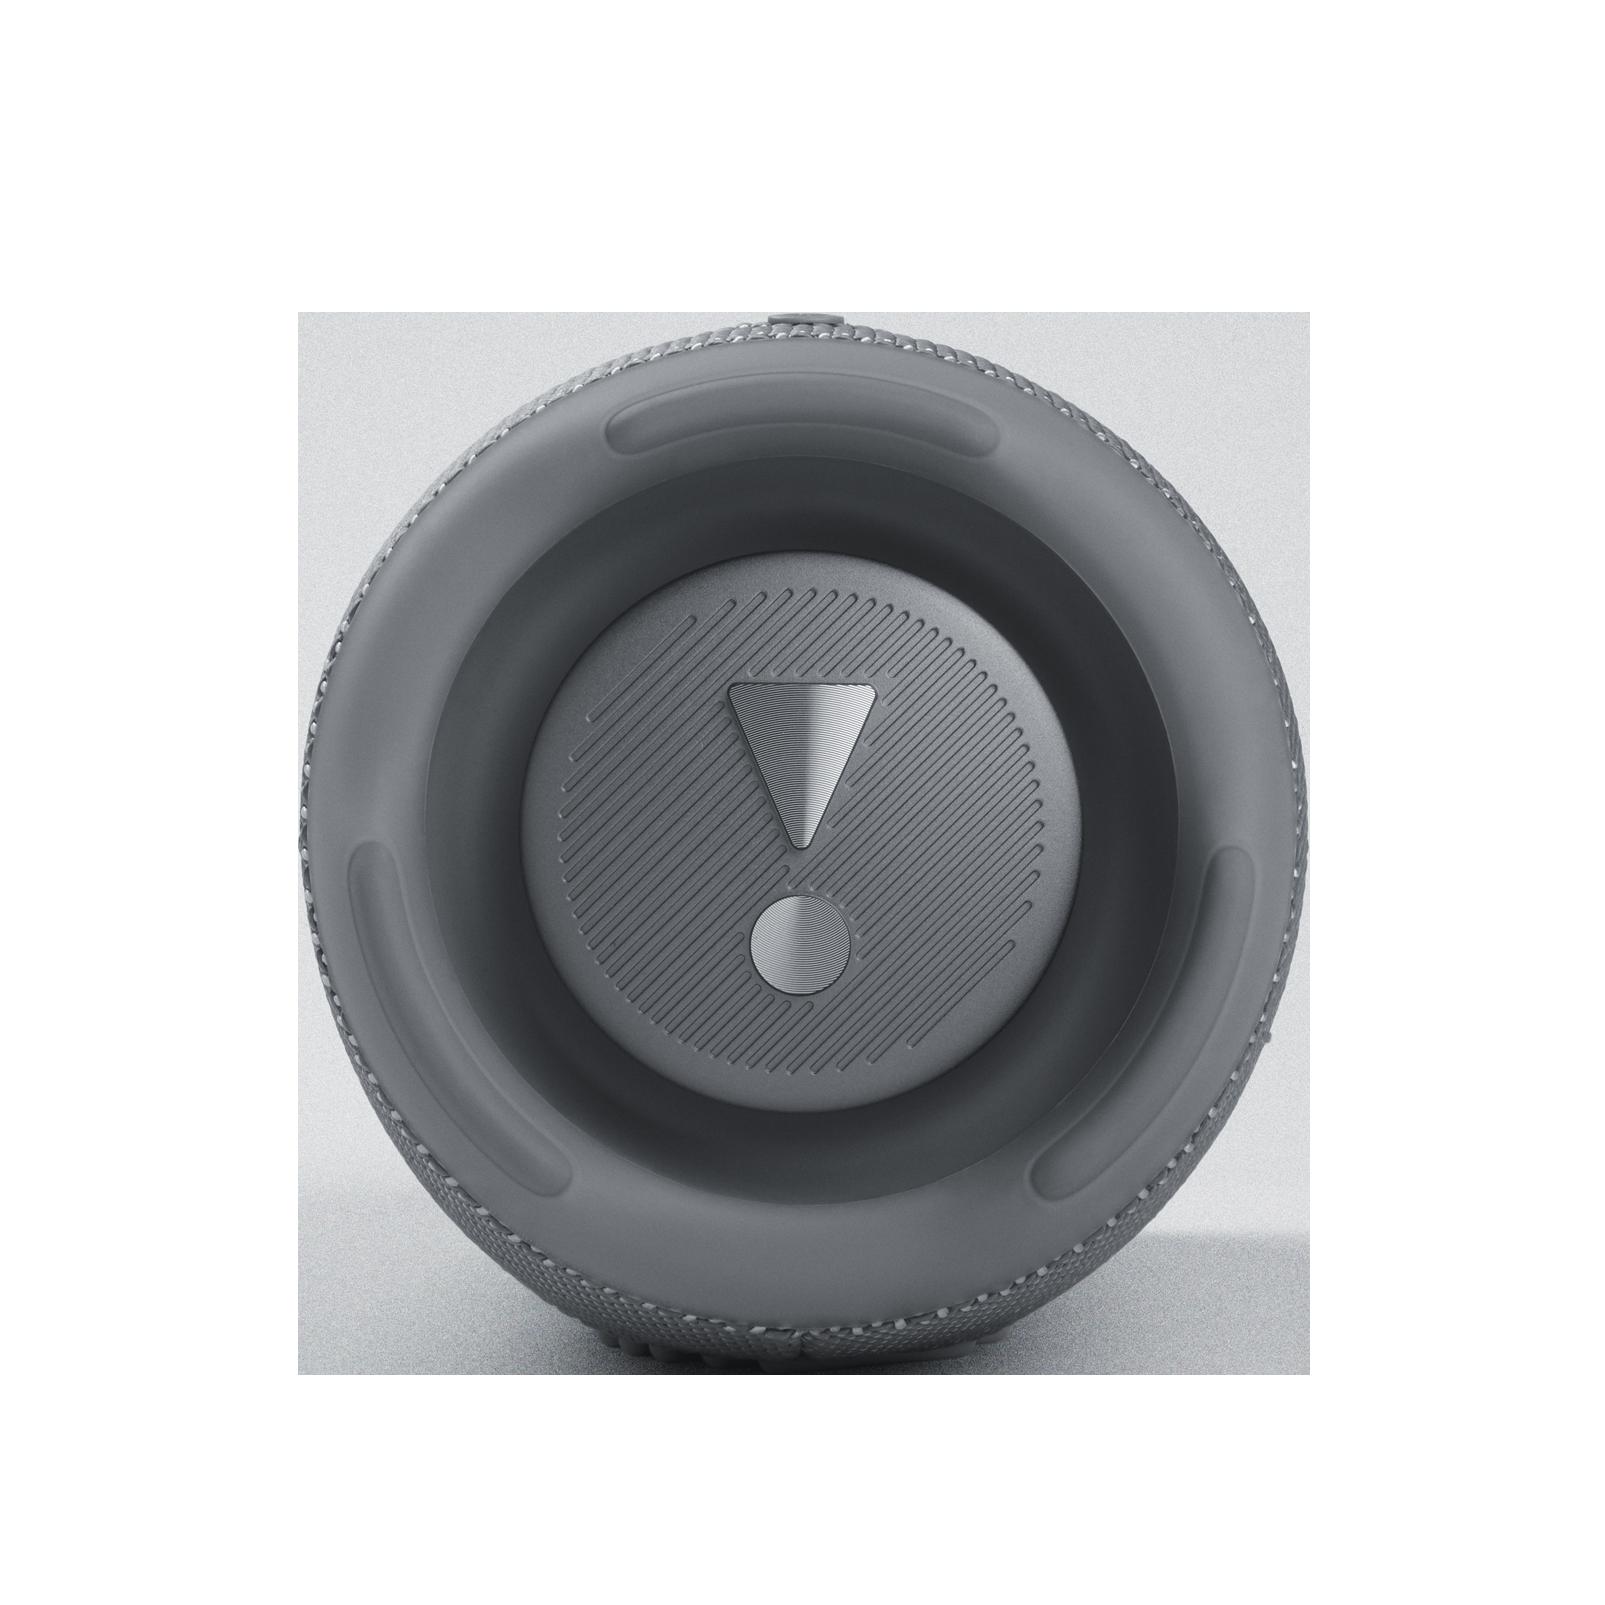 JBL CHARGE 5 - Grey - Portable Waterproof Speaker with Powerbank - Left